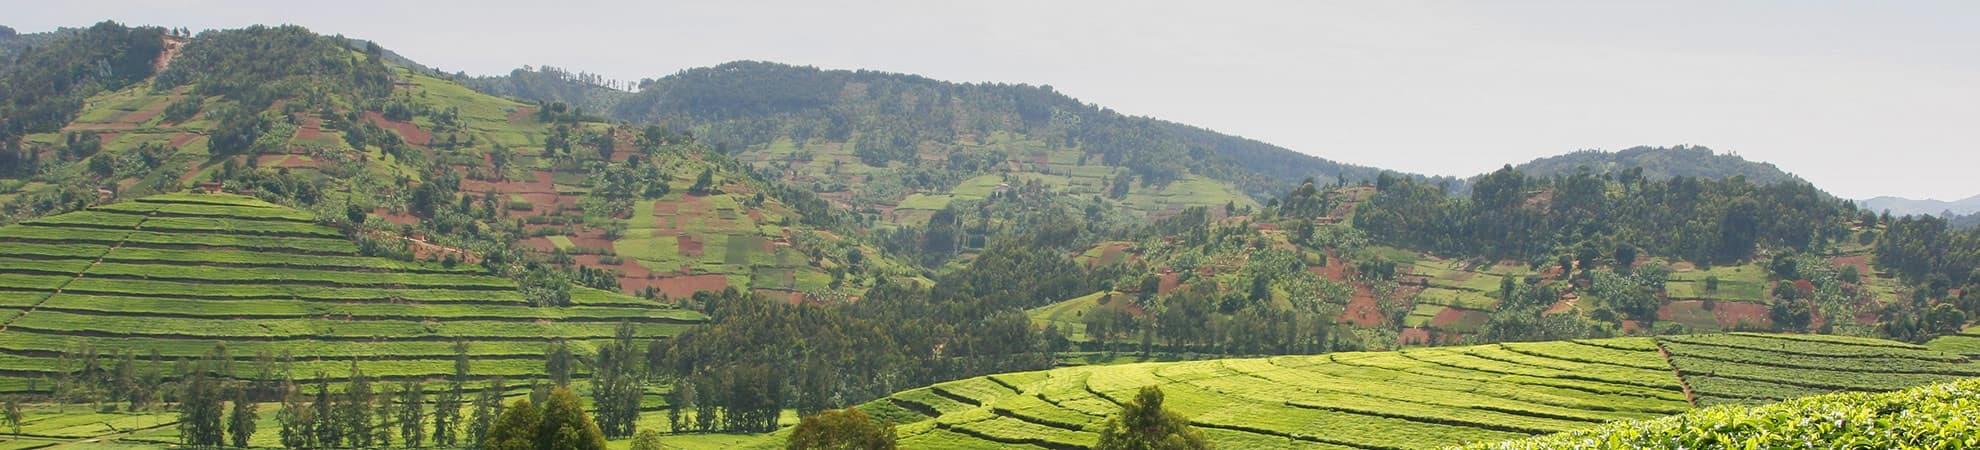 Voyage Le Parc National des Volcans - Rwanda